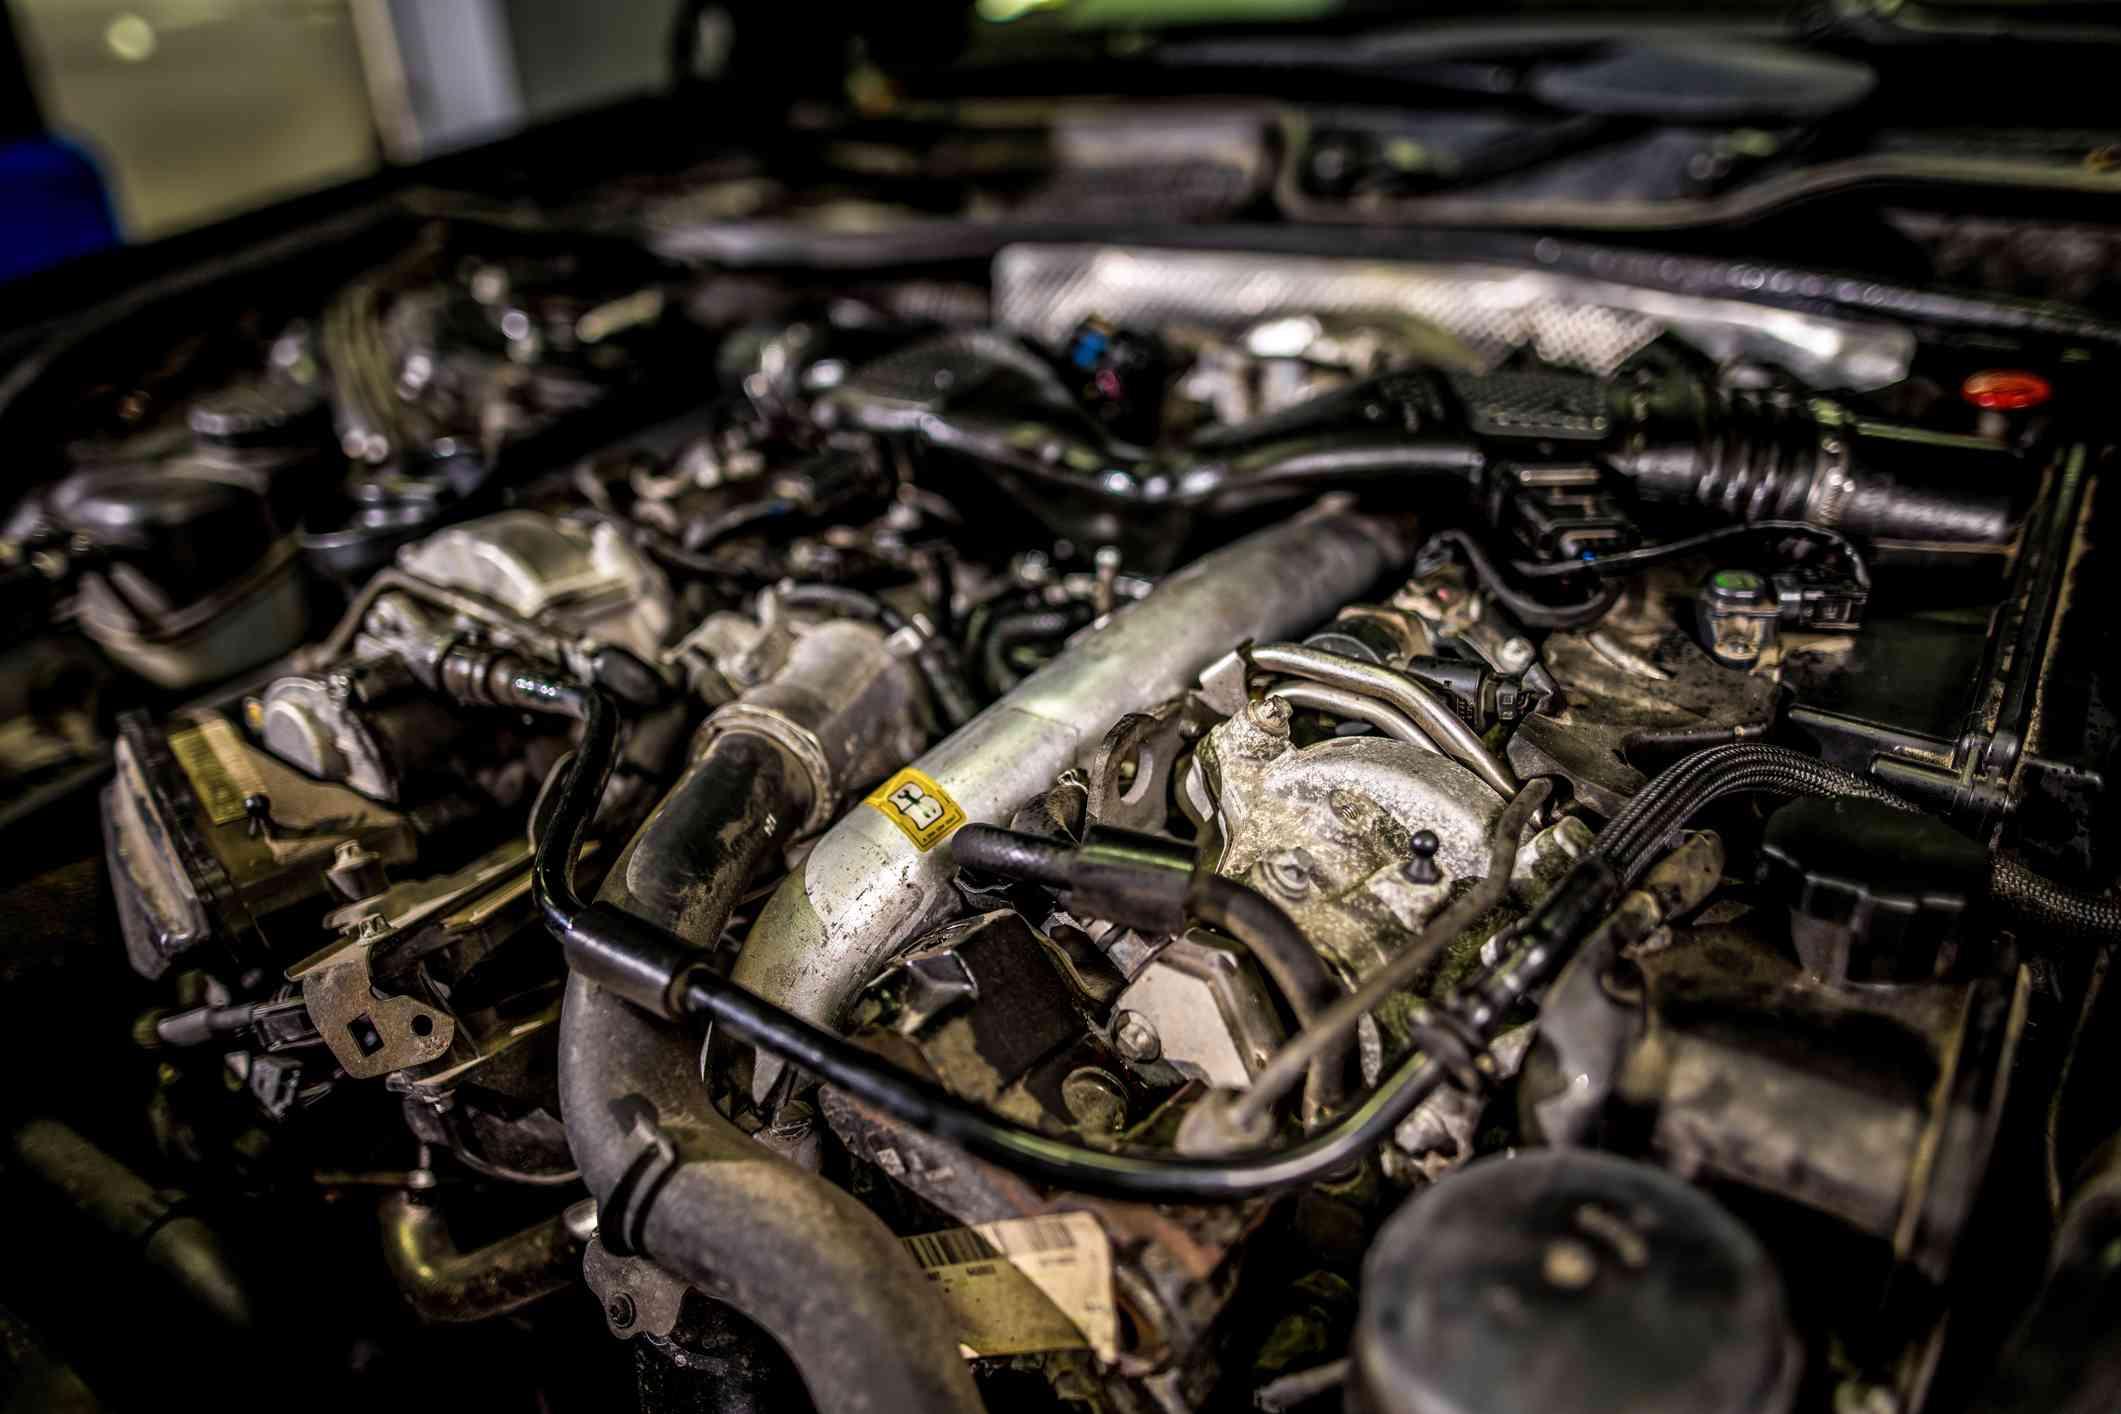 A diesel engine